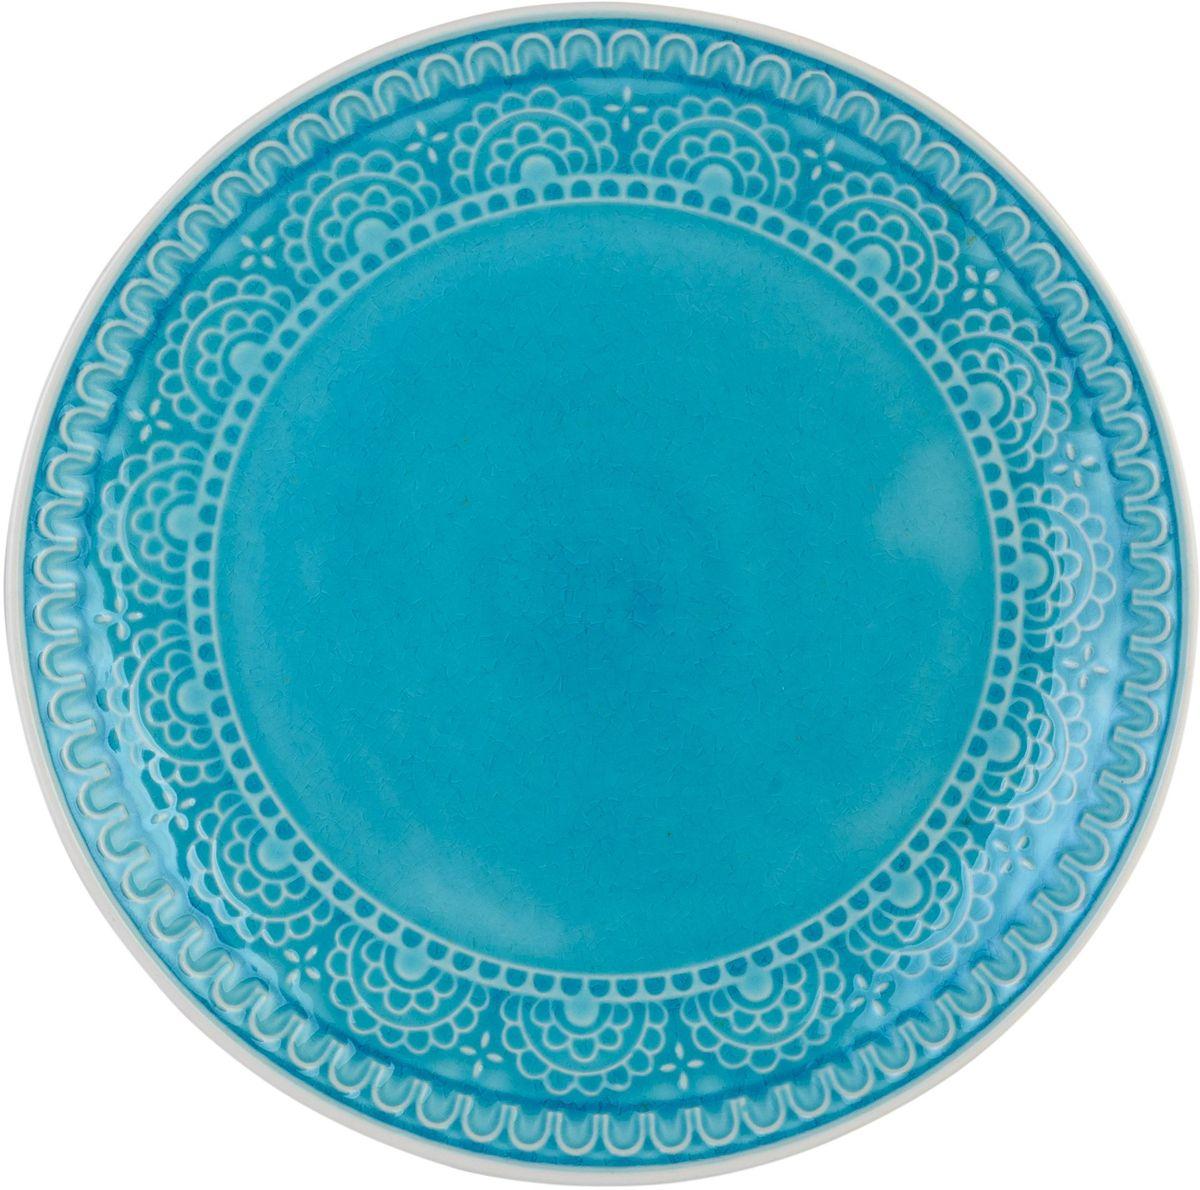 Набор тарелок обеденных Tongo, цвет: голубая бирюза,диаметр 26,7 см, 4 шт115610Традиционная этническая посуда Индонезии. Декоративная техника придает посуде этнический шарм, с элементами старения, в виде паутинки мелких трещинок на поверхности эмали, что повышает ее привлекательность и ценность среди посудных аналогов.В процессе эксплуатации мелкие трещины так же могут проявляться на внутренних поверхностях кружек и салатников, - что также является задумкой дизайнеров, заложенной в производственной технологии.